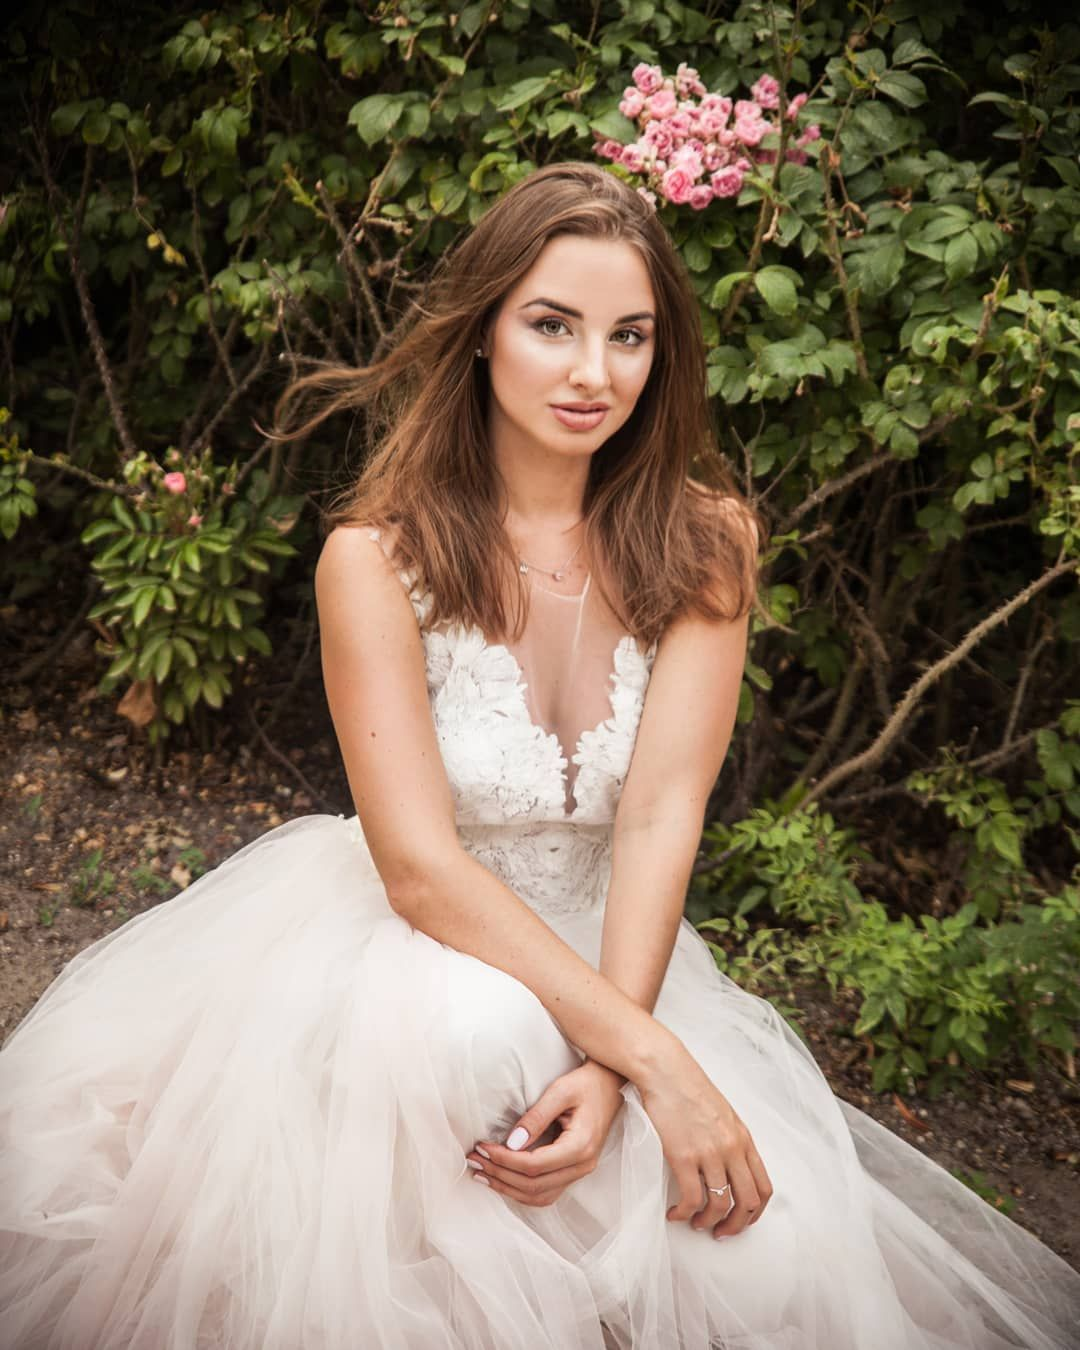 madimar.photography  #warsaw#poland#summer#photography#nature#rose#weddingdress#model#fashion#portraitphotogra...